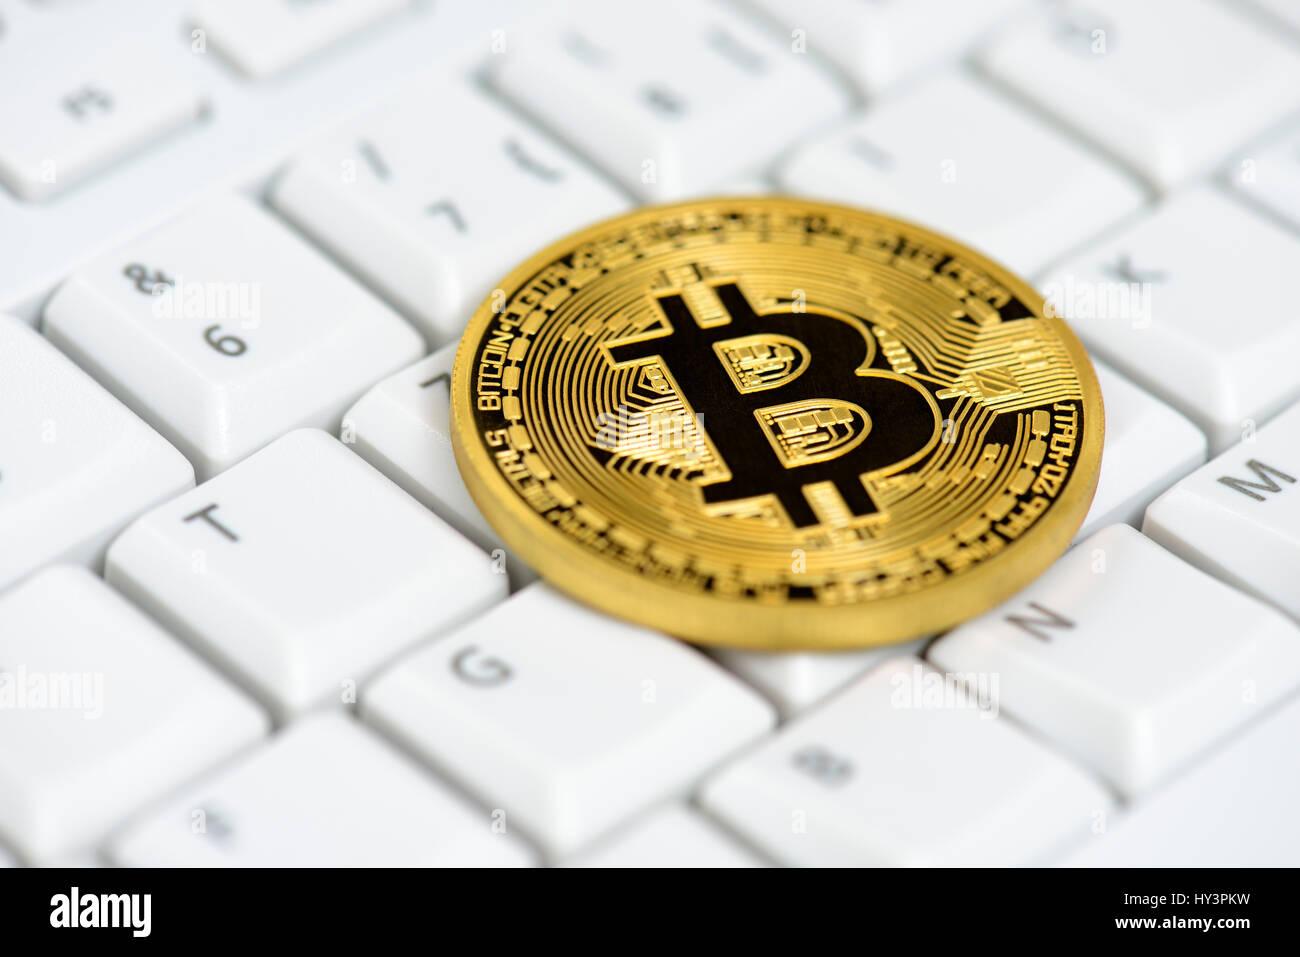 Coin with Bitcoin sign on computer keyboard, Münze mit Bitcoin-Zeichen auf Computertastatur Stock Photo